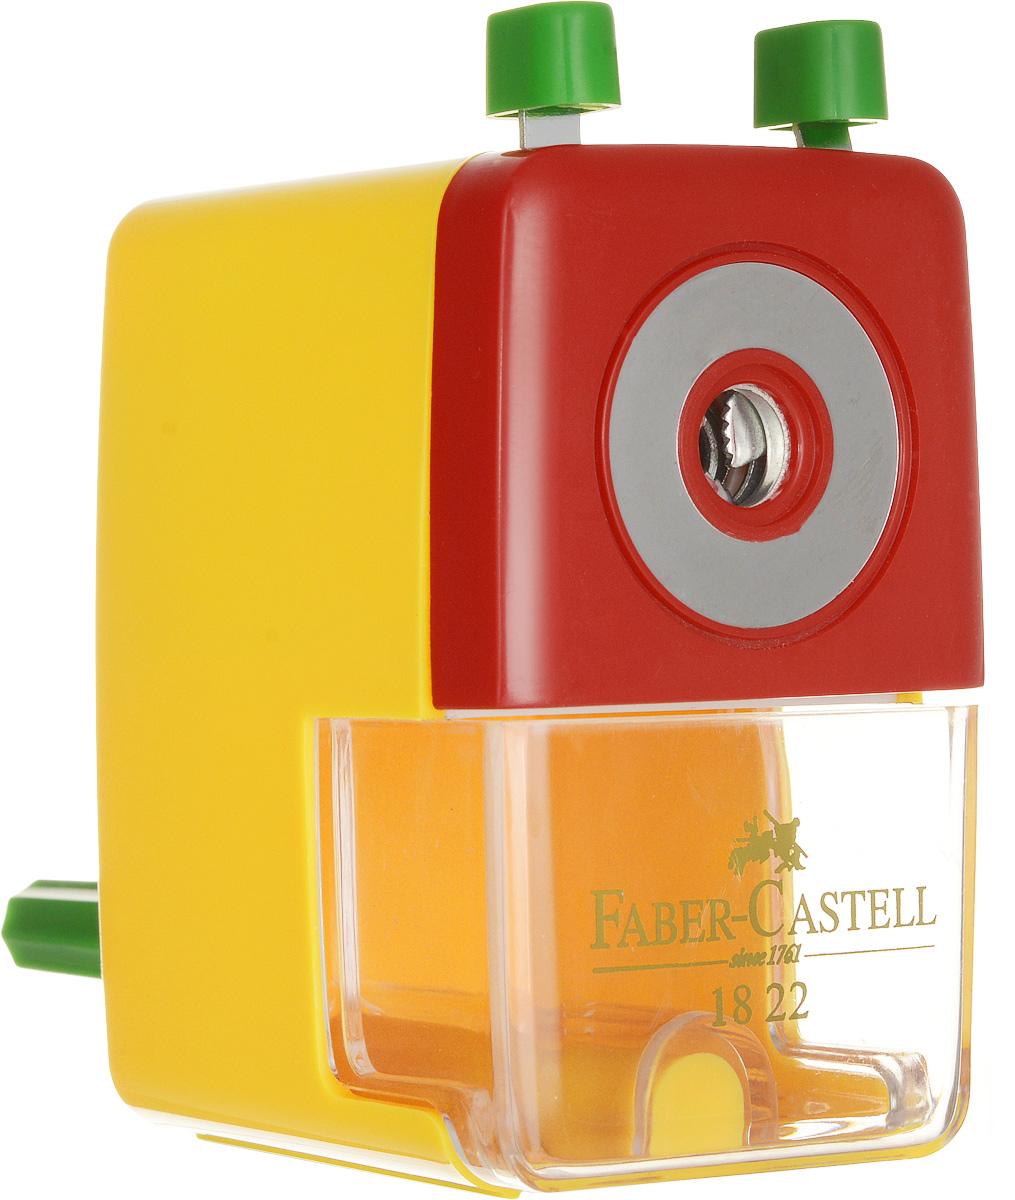 Faber-Castell Точилка настольная цвет желтый -  Чертежные принадлежности